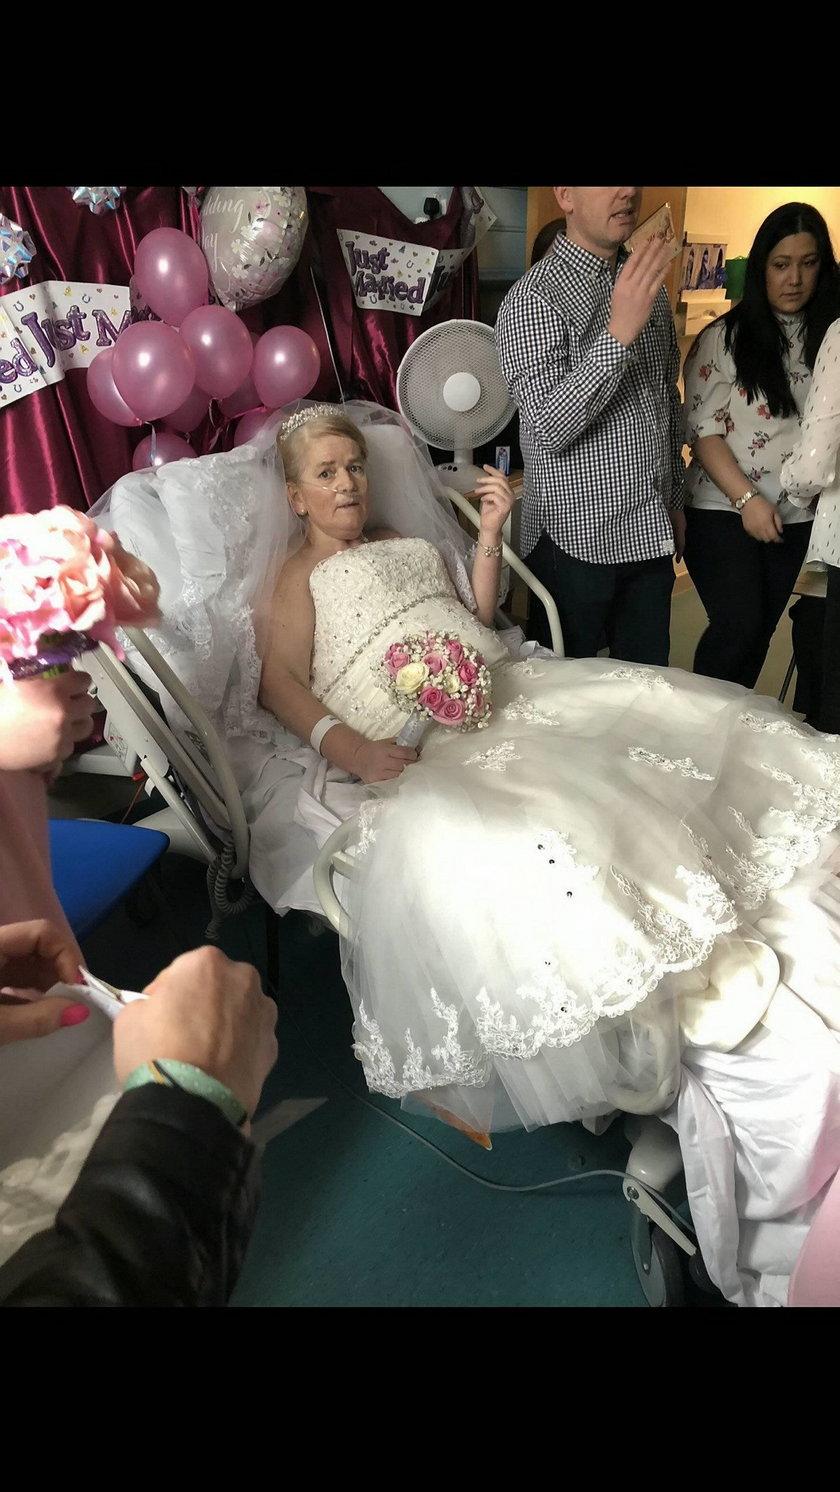 Mandy Helen Lucitt i Kevin McCarthy wzięli ślub w szpitalu